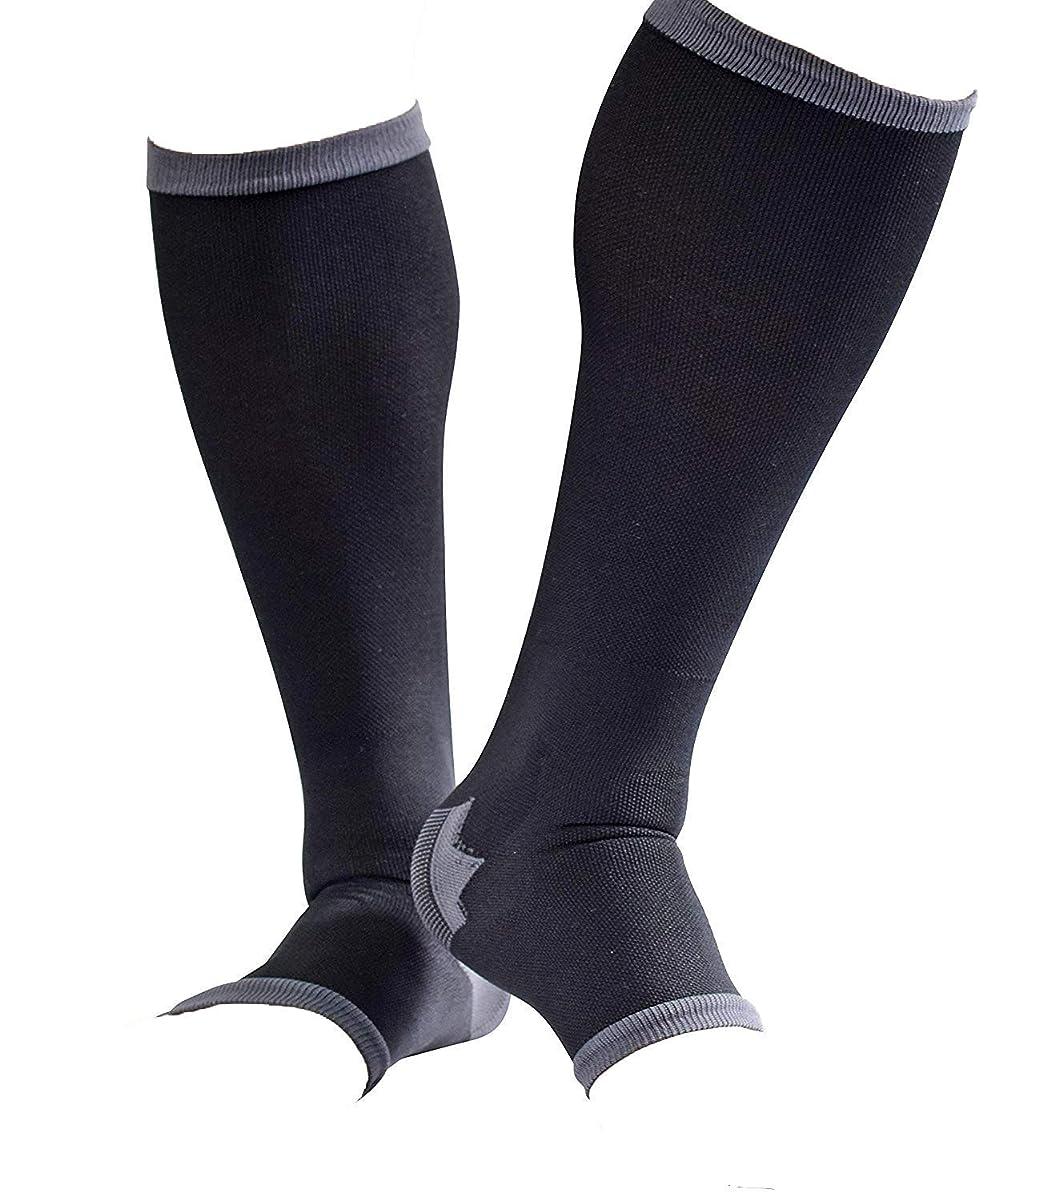 過剰真剣に調和男性専用脚すっきり対策オープントゥ着圧ソックス 膝下 L-LL 順天堂大学客員教授推奨